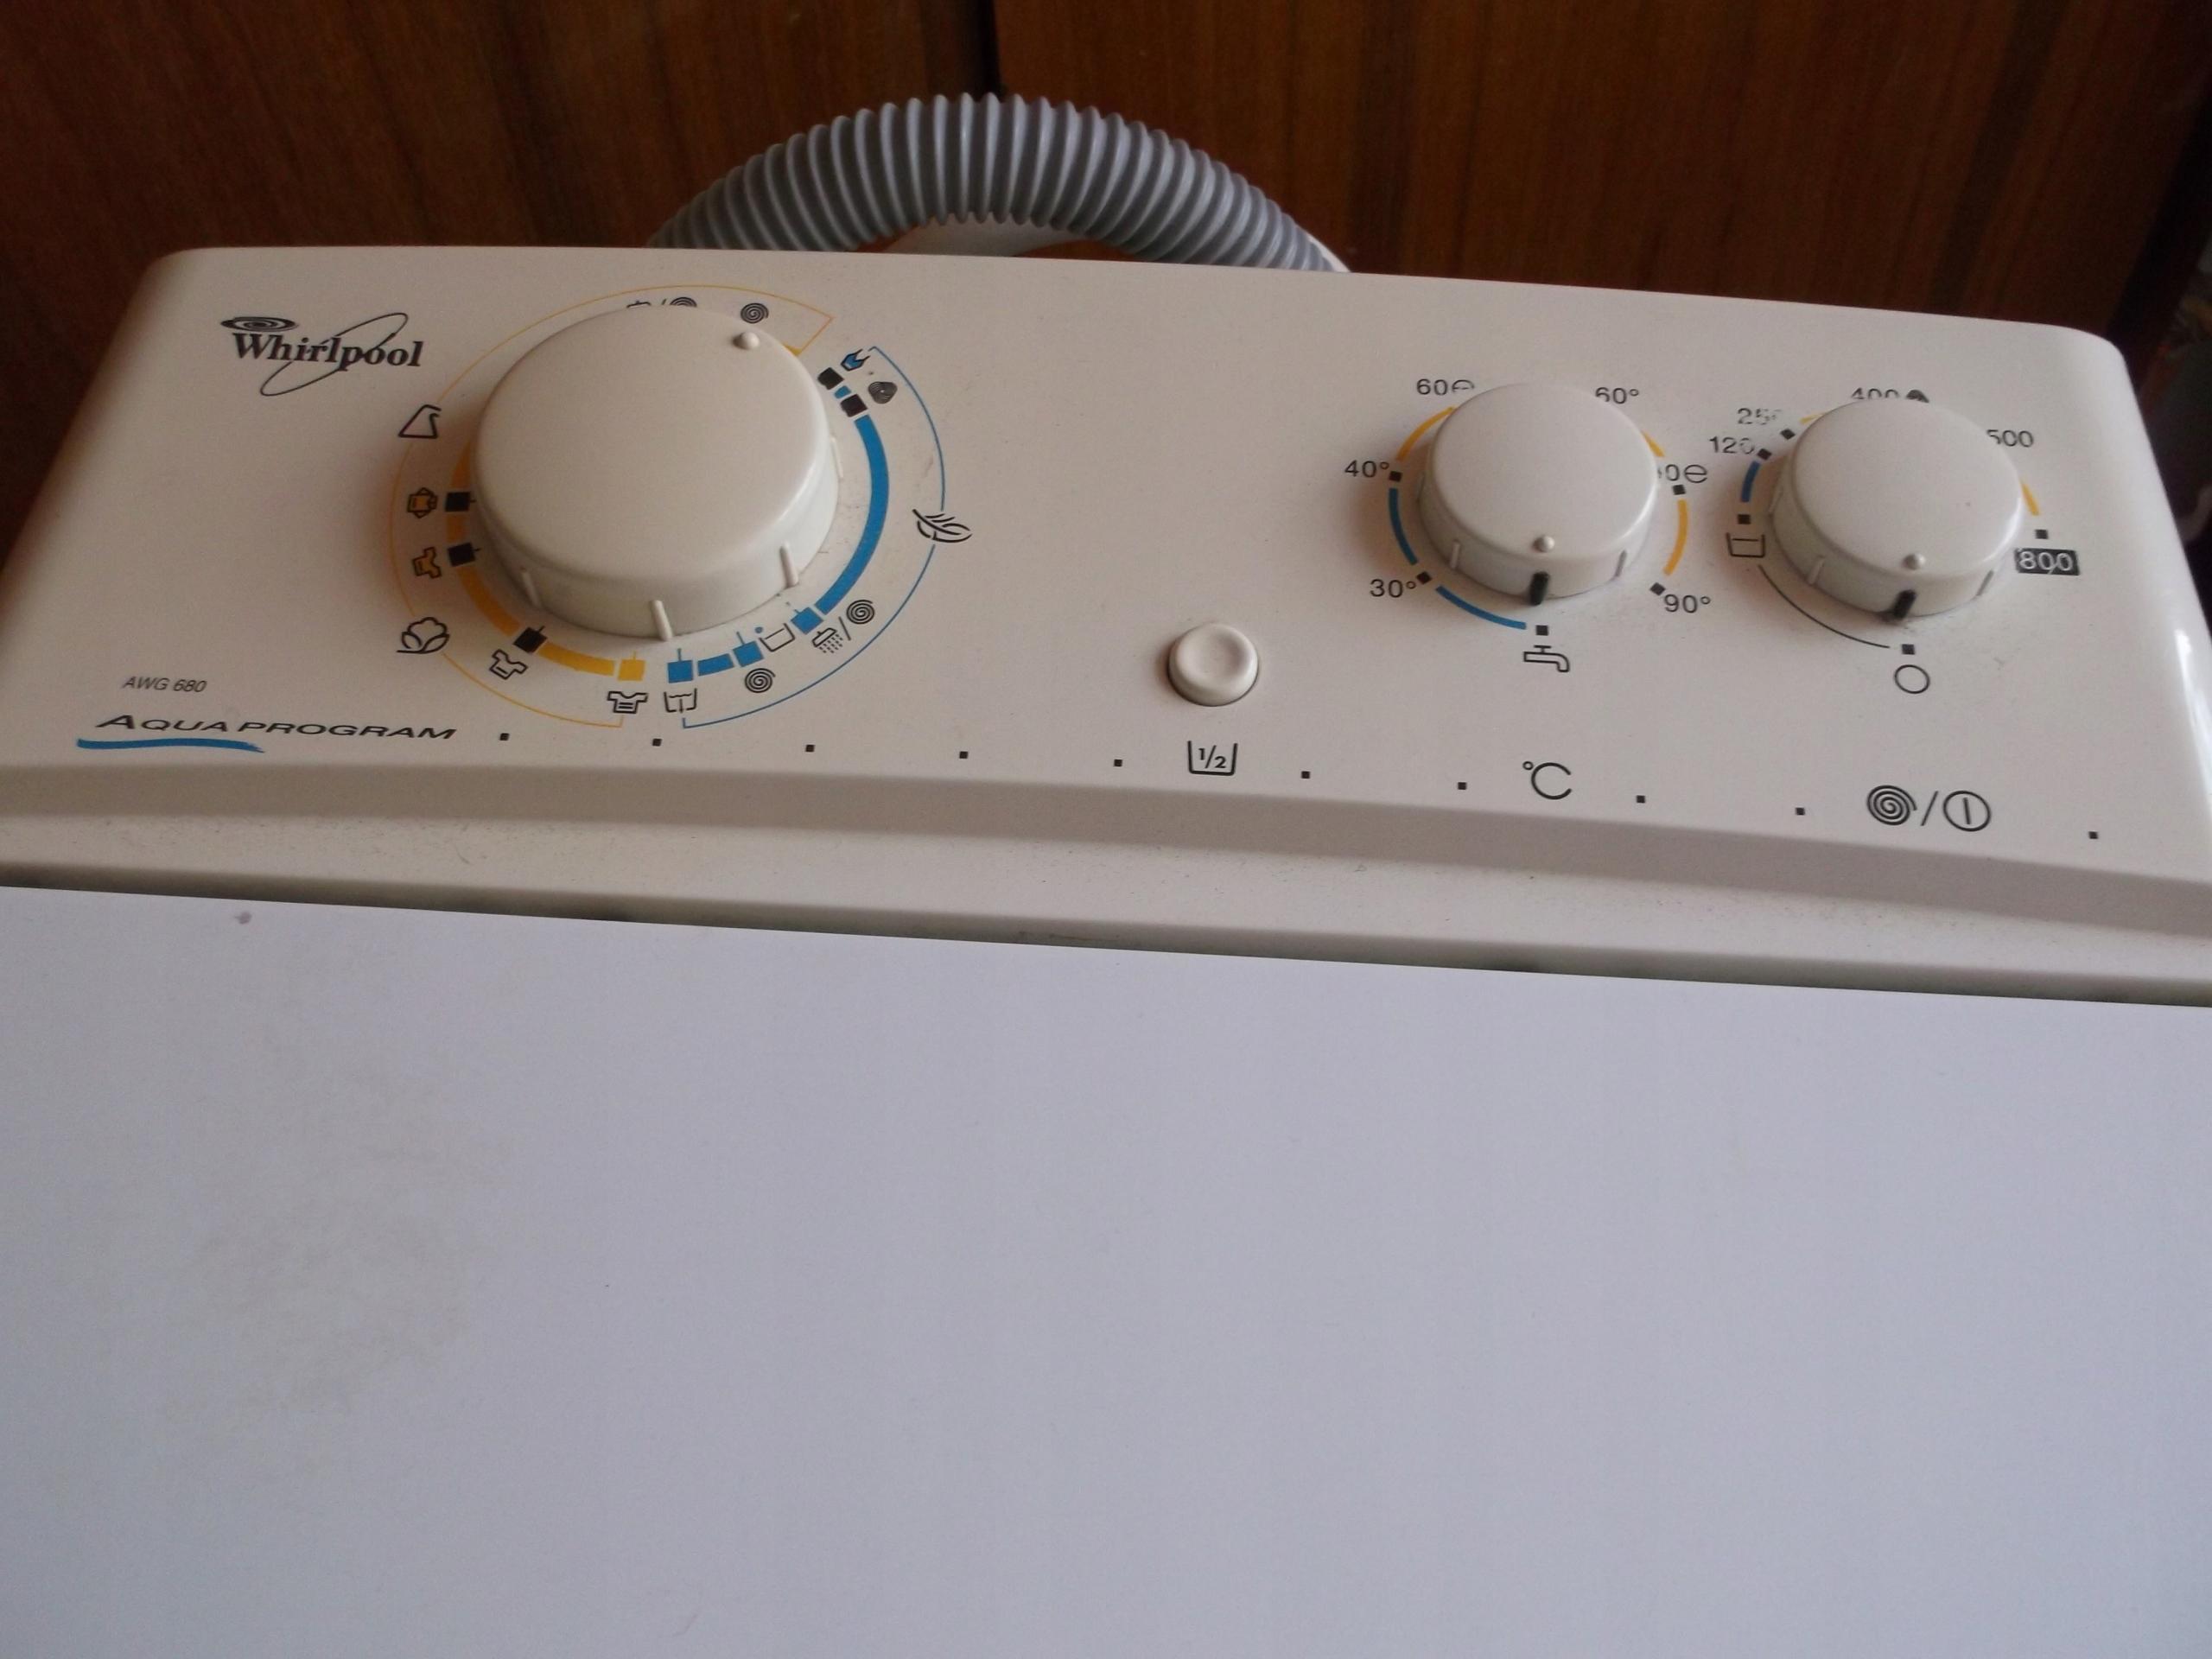 Pralka Whirlpool Używana